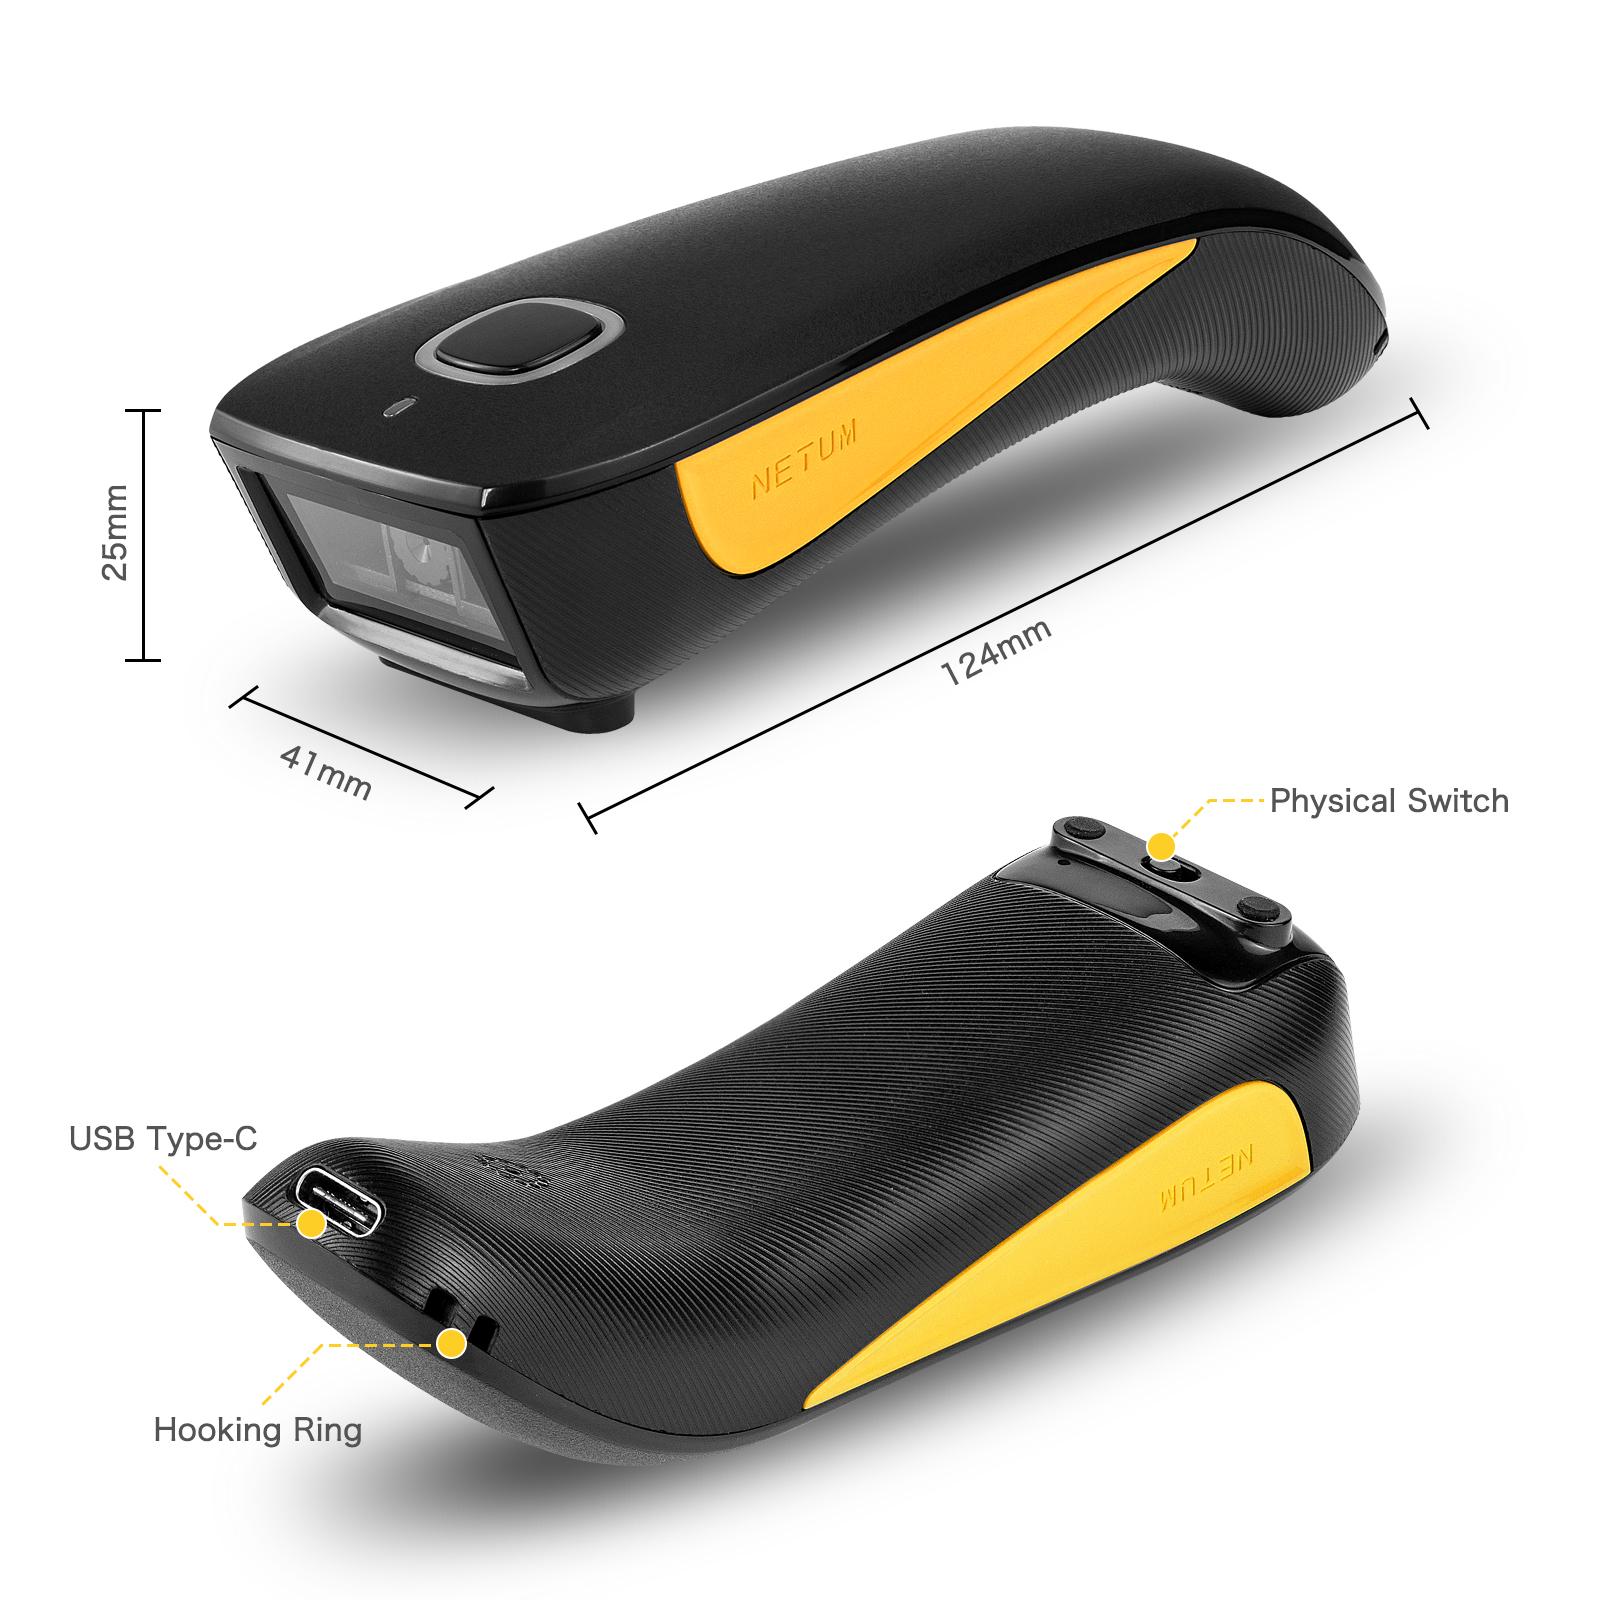 Pocket Bluetooth Scanner